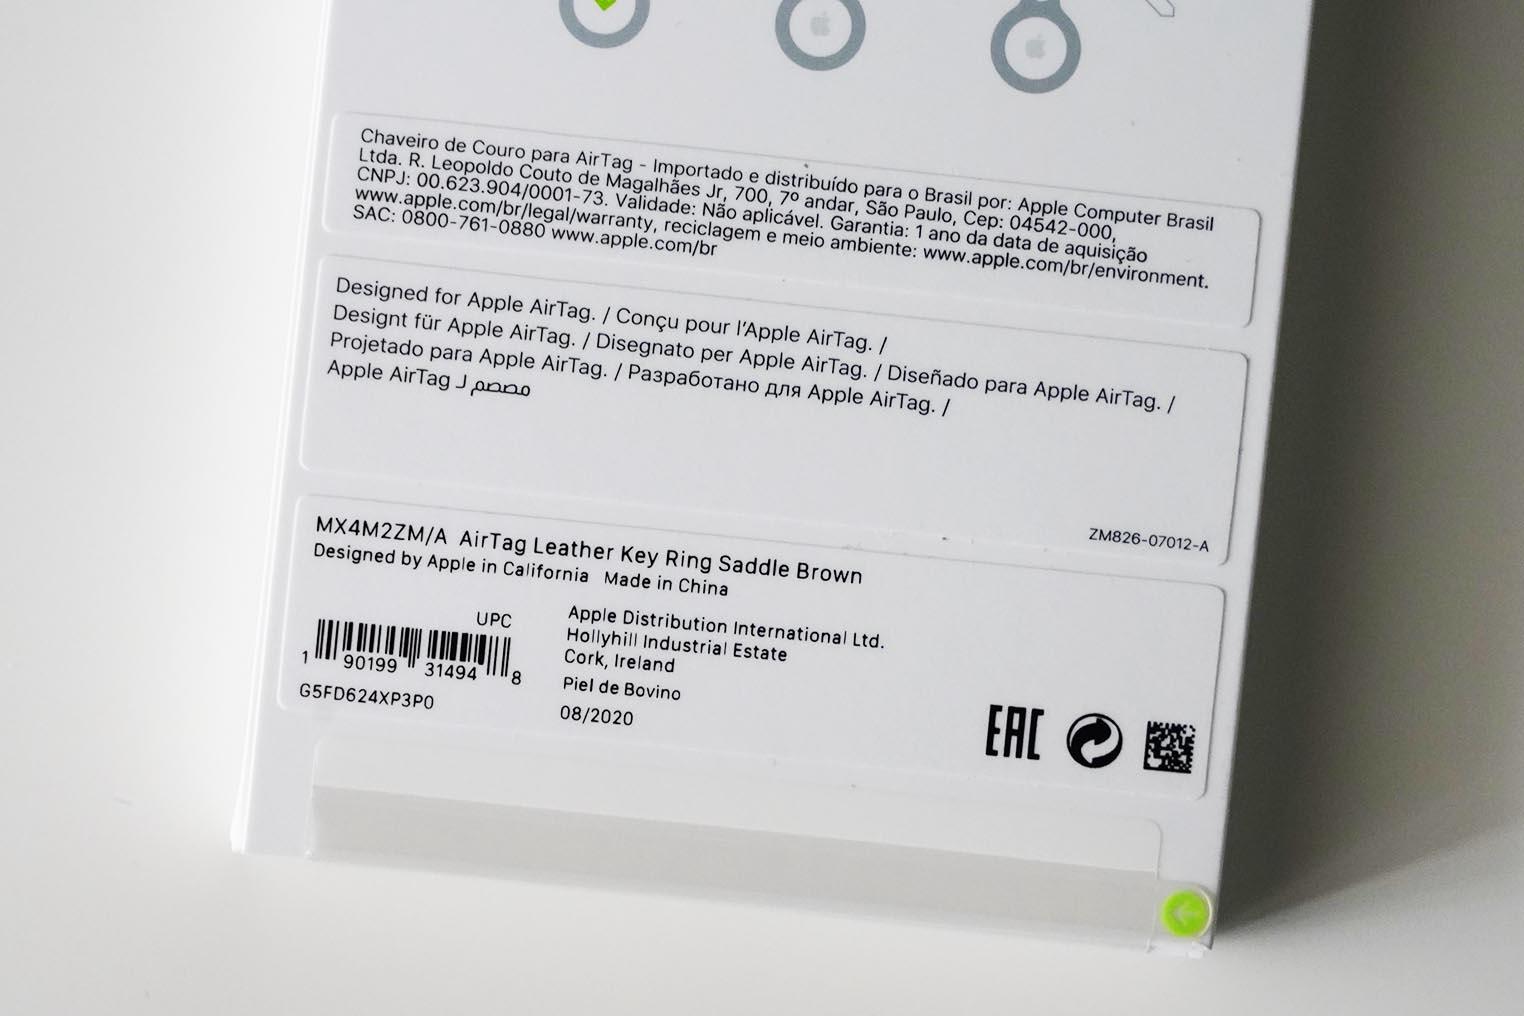 AirTag packaging 2020